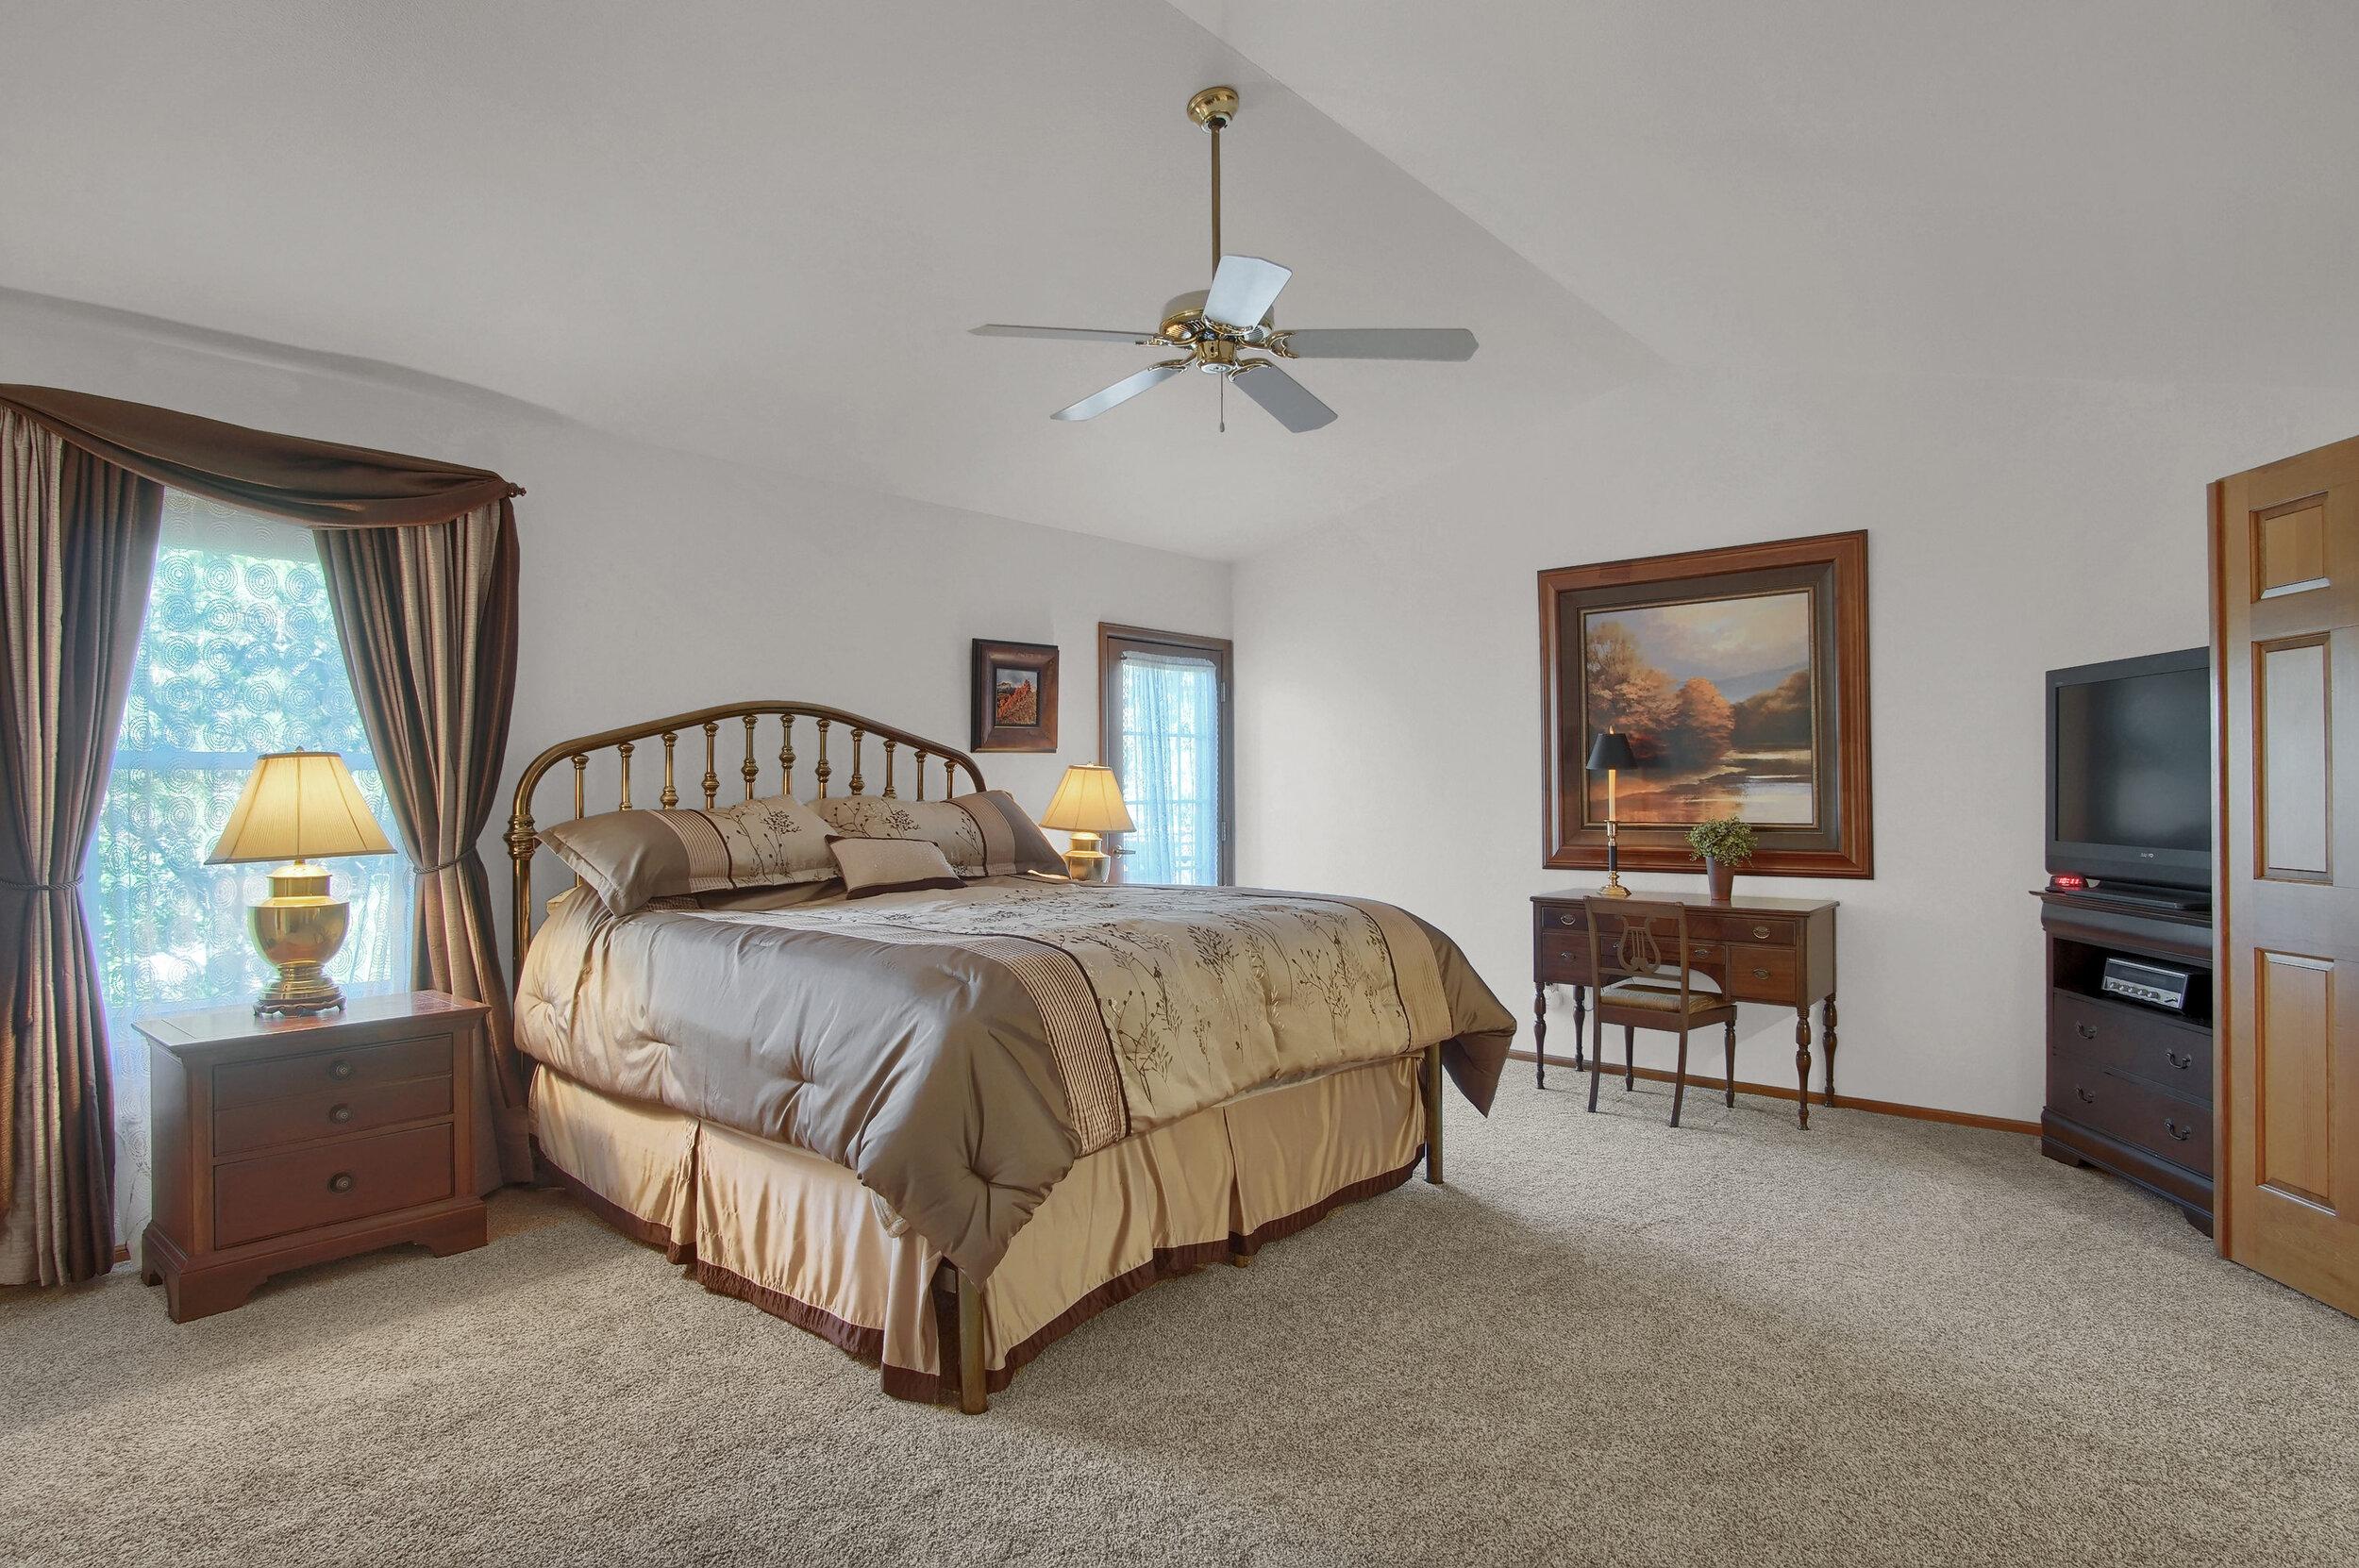 4919 Nightshade Cir Colorado-print-036-023-Bedroom-3008x2000-300dpi.jpg